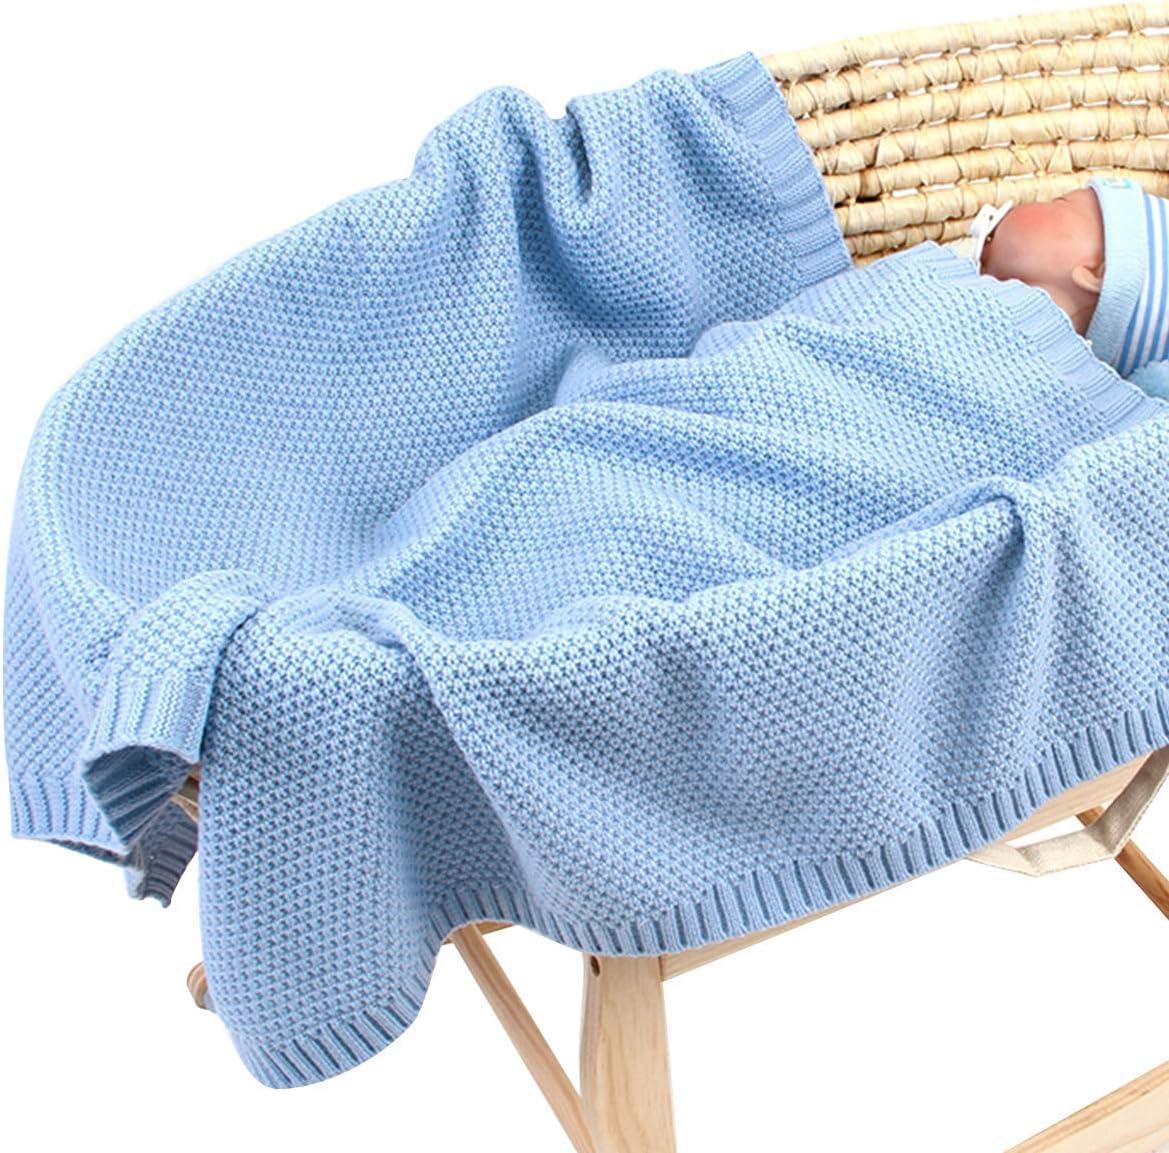 Manta de Punto para bebé para niños y niñas de 40 x 30 Pulgadas, Manta de Ganchillo de Punto para recién Nacido, Manta para Cochecito Azul Azul